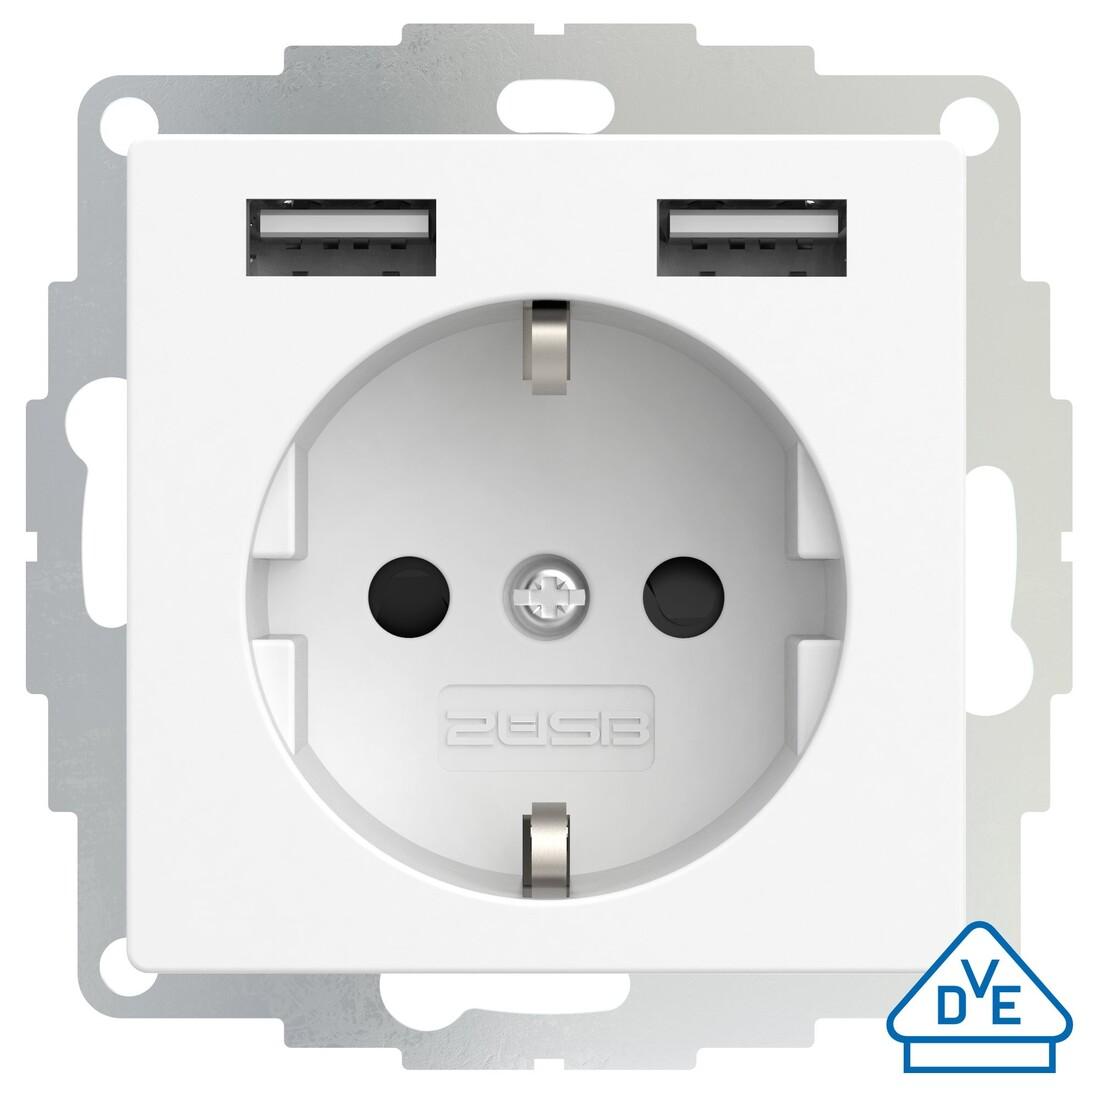 2USB 2USB inCharge PRO universeel 55x55 WCD met 2x USB 2,4A - wit mat (2U-449214)